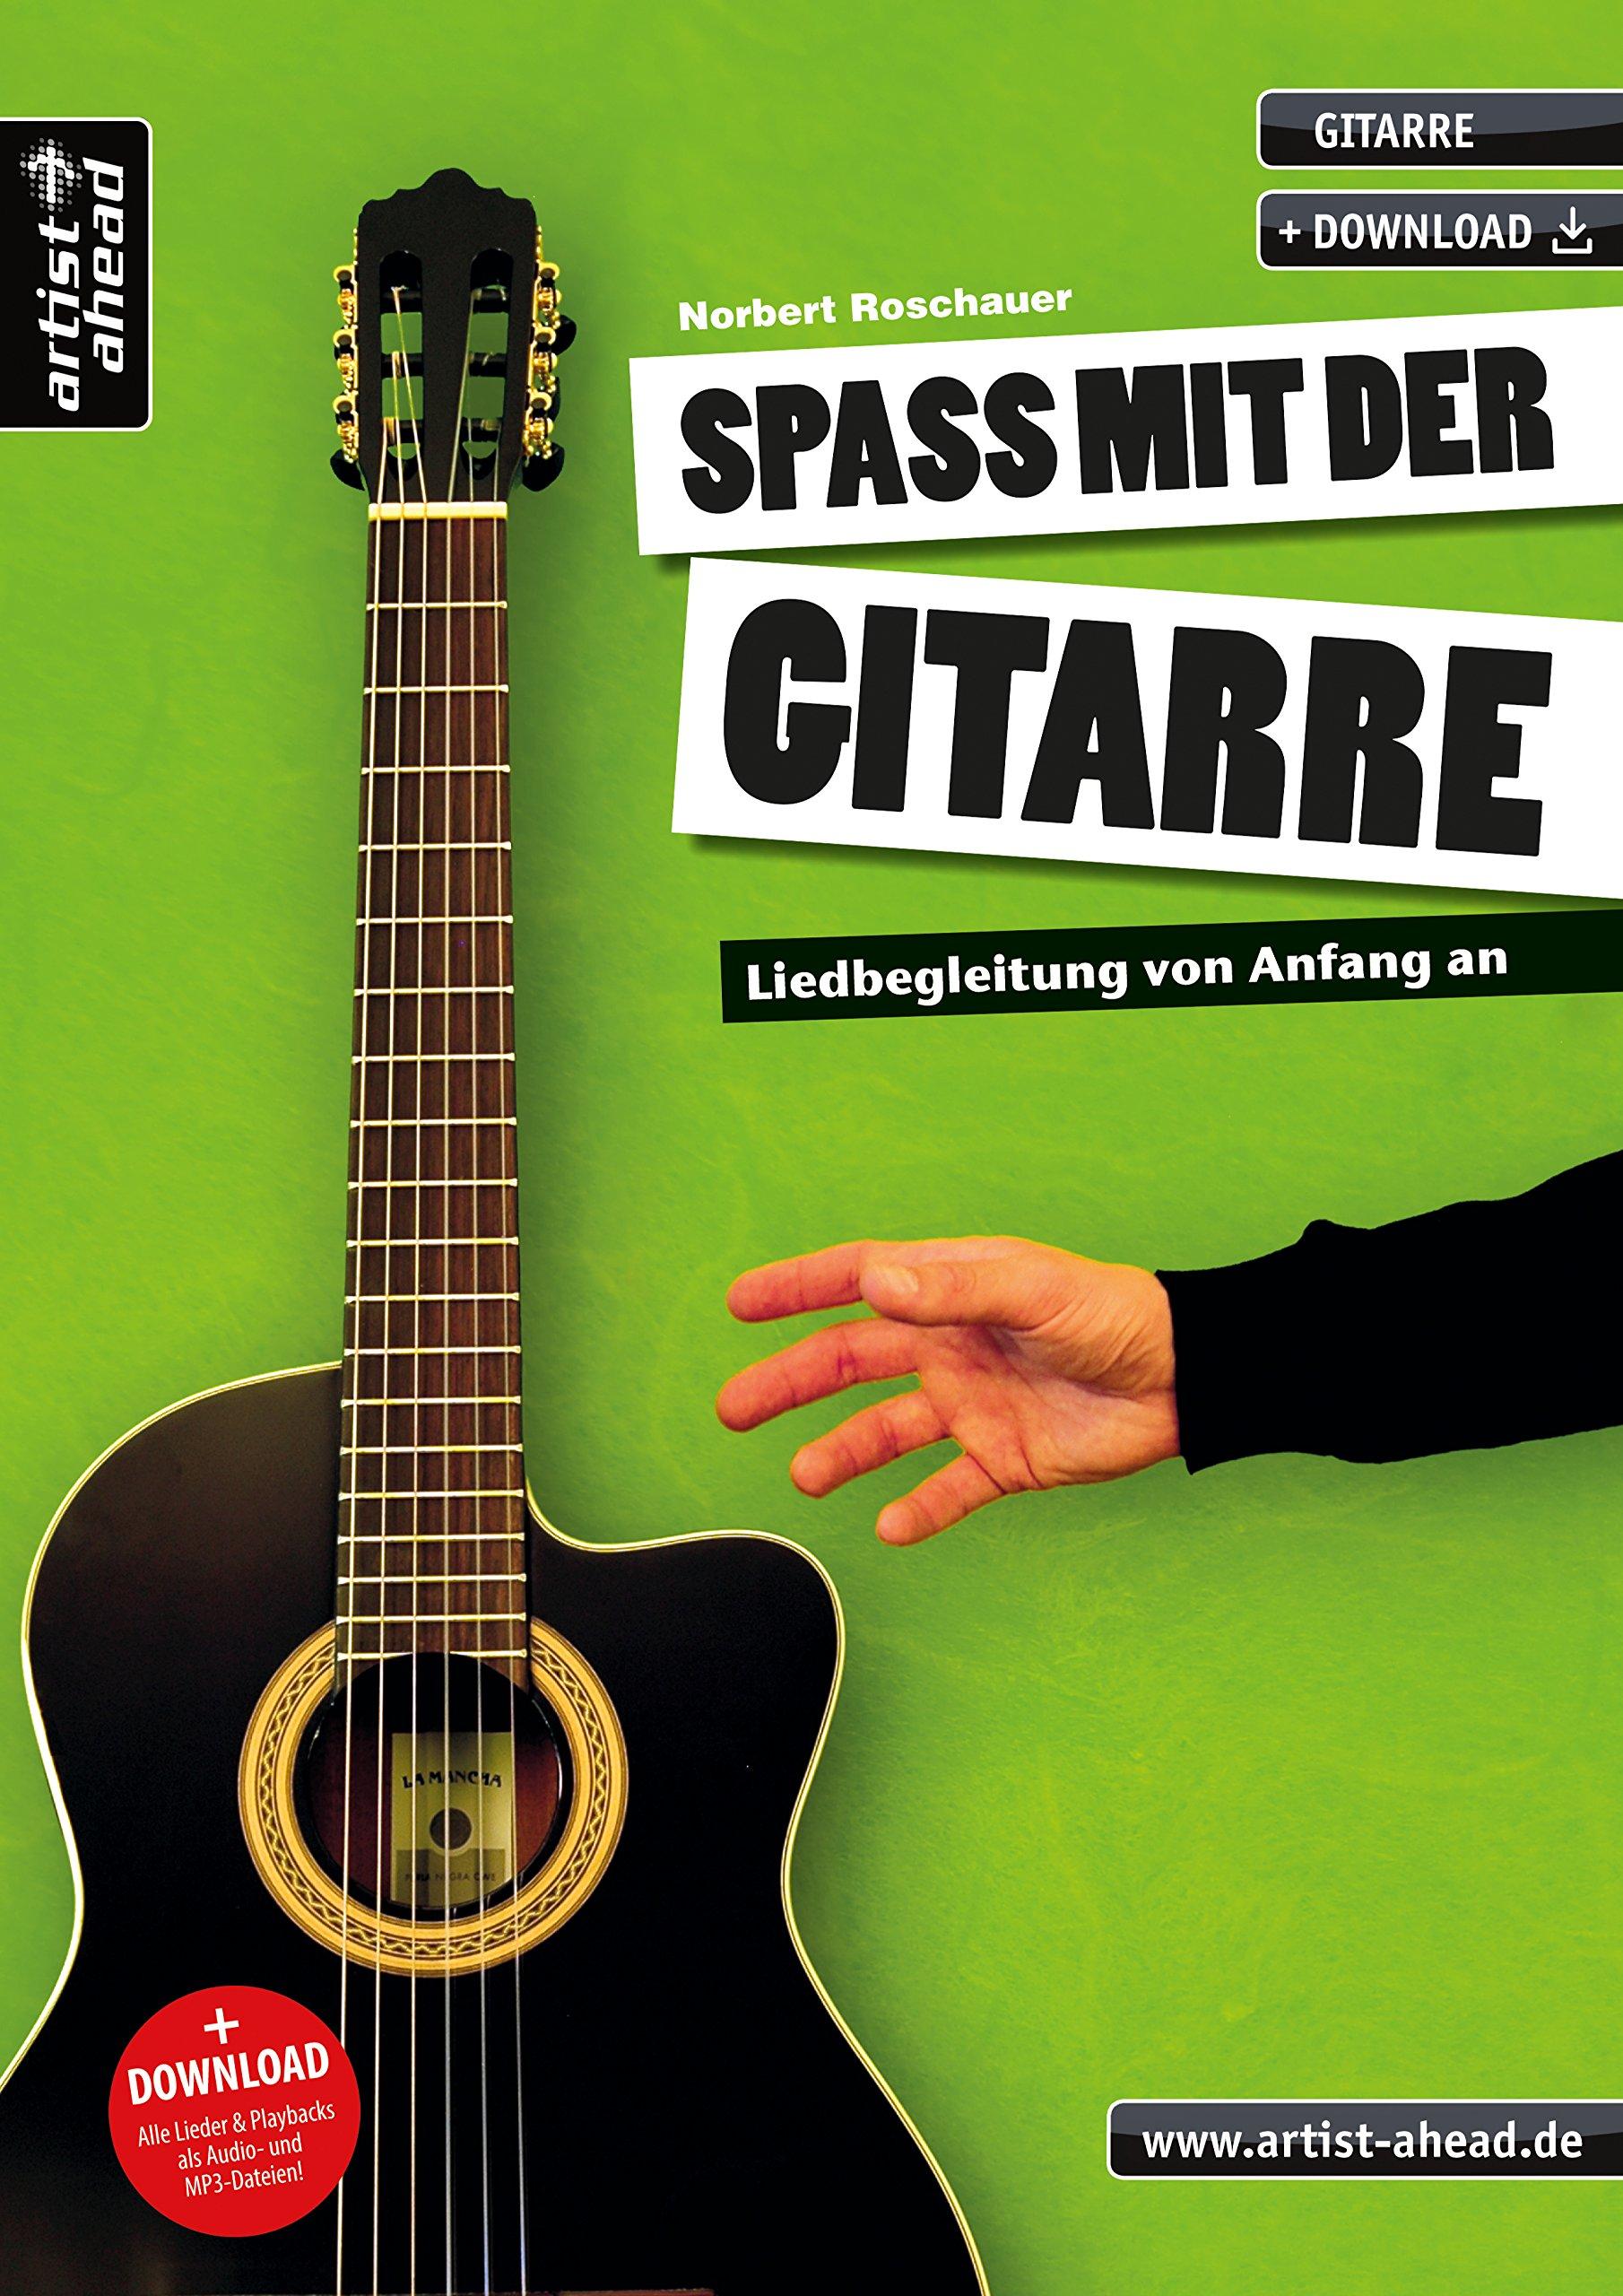 Spaß mit der Gitarre: Liedbegleitung von Anfang an für Jugendliche & Erwachsene (inkl. Download). Lehr- und Spielbuch für Akustikgitarre. Gitarrenschule. Songbook. Liederbuch. Musiknoten.